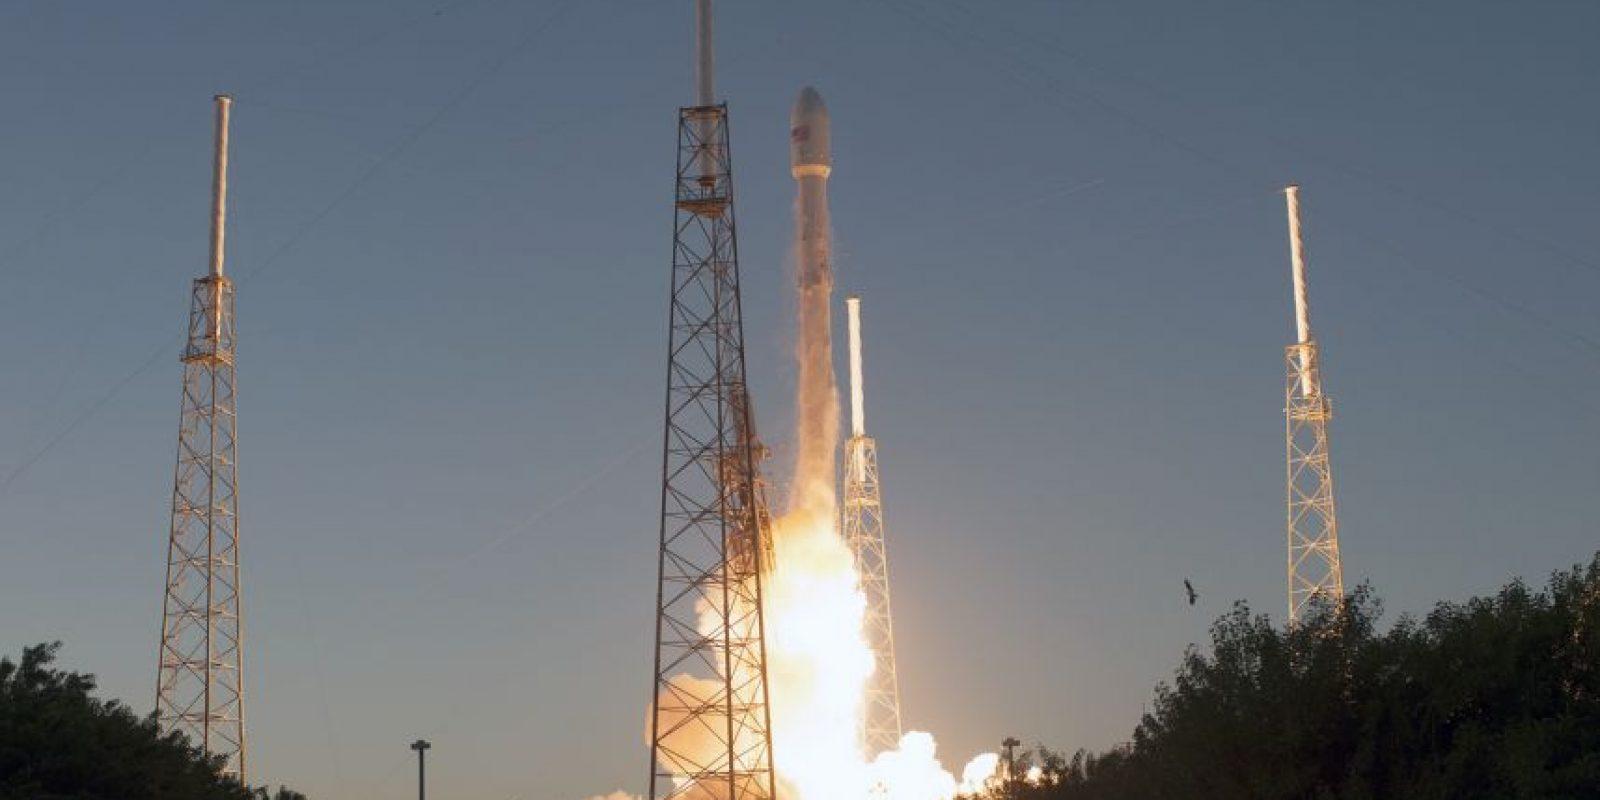 Capturada por el satélite DSCOVR de la NASA. Foto:Vía flickr.com/nasa_goddard